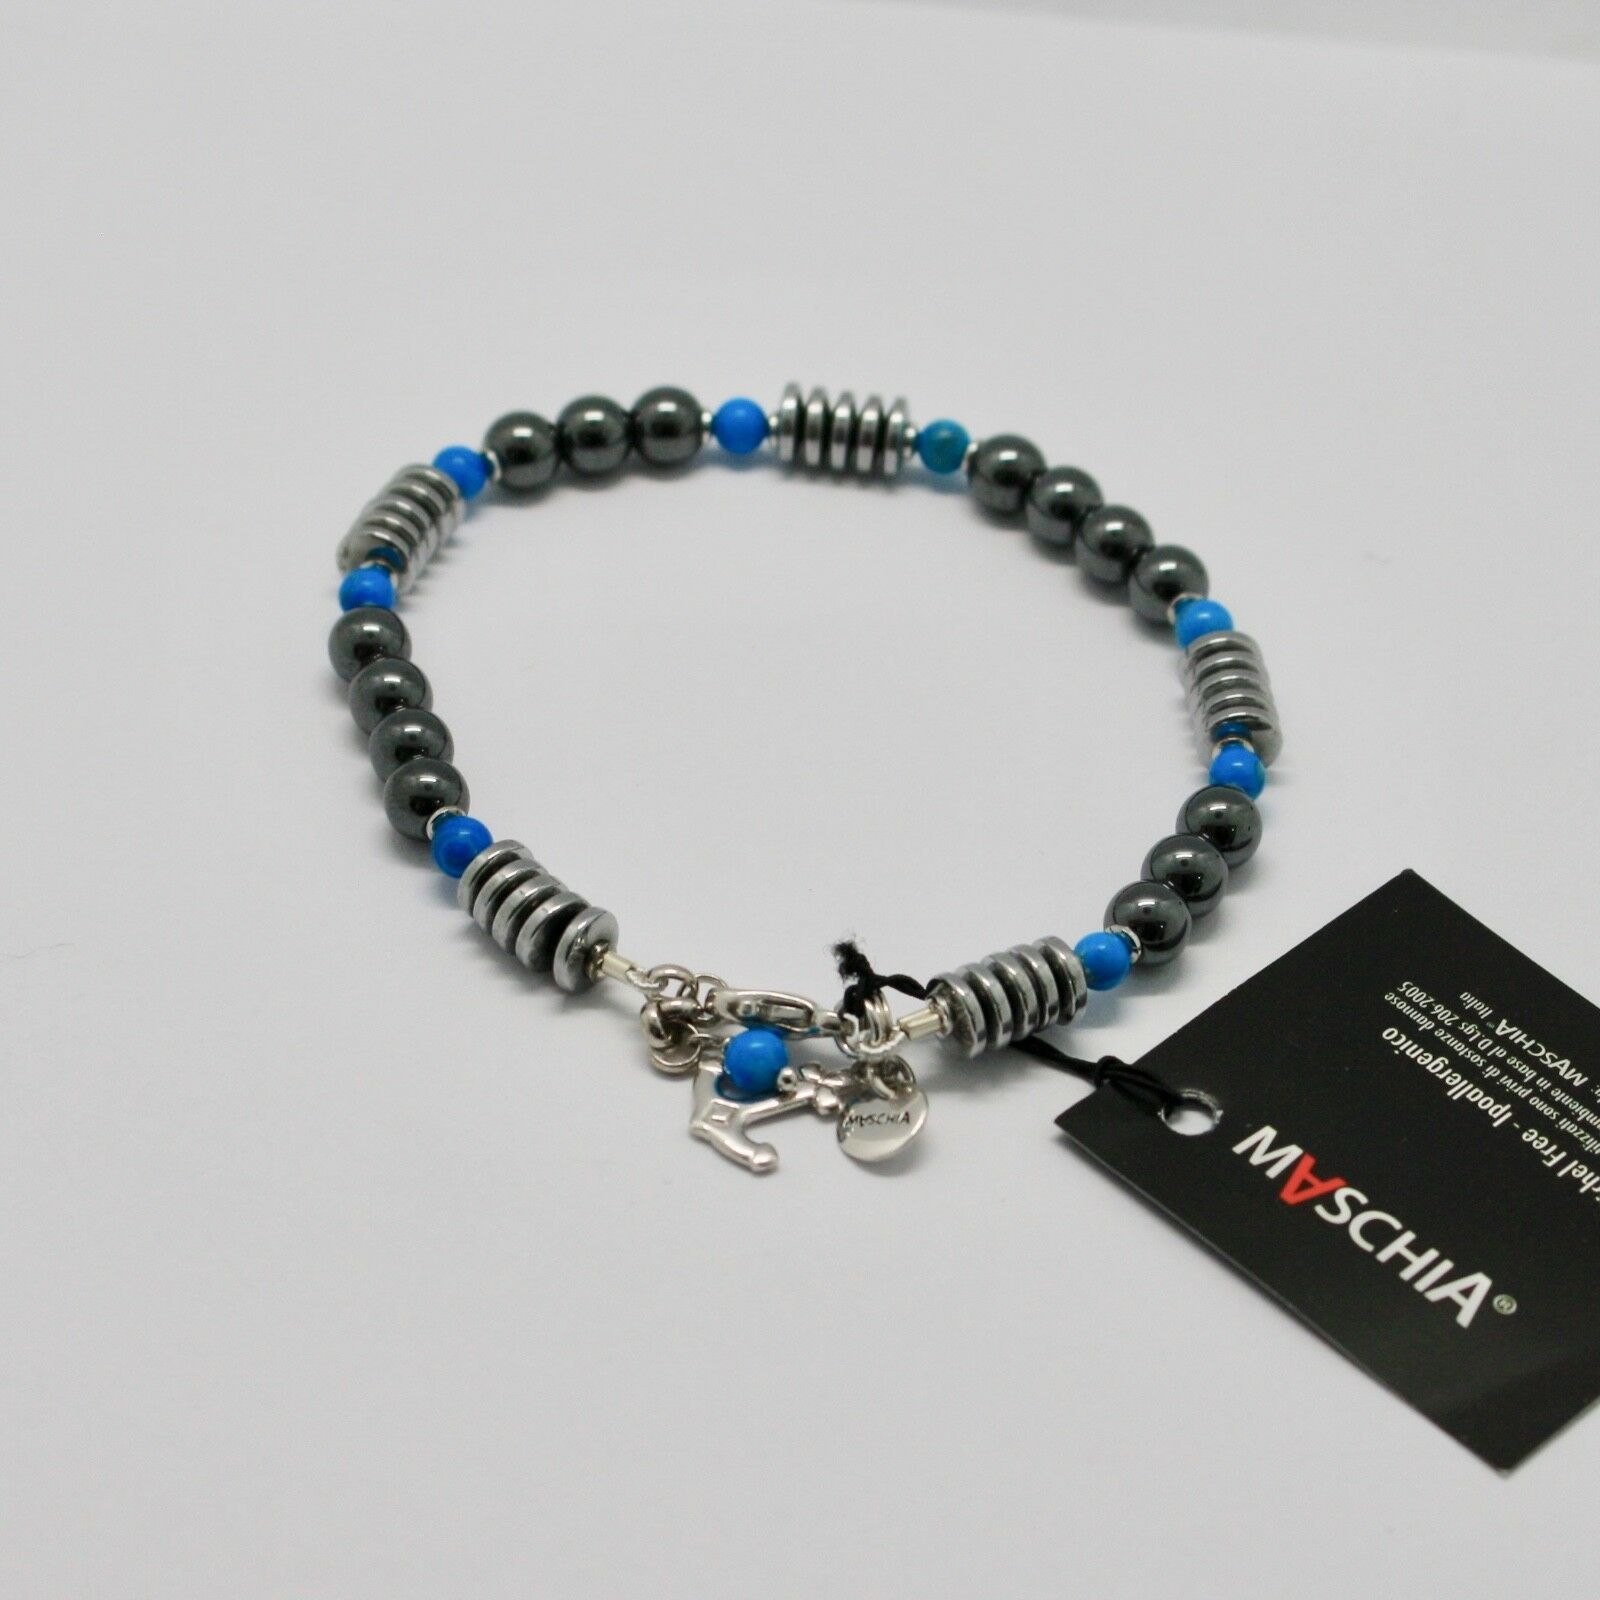 Bracelet en Argent 925 avec Turquoise Ed Hématite BLE-2 Fabriqué en Italie By image 2